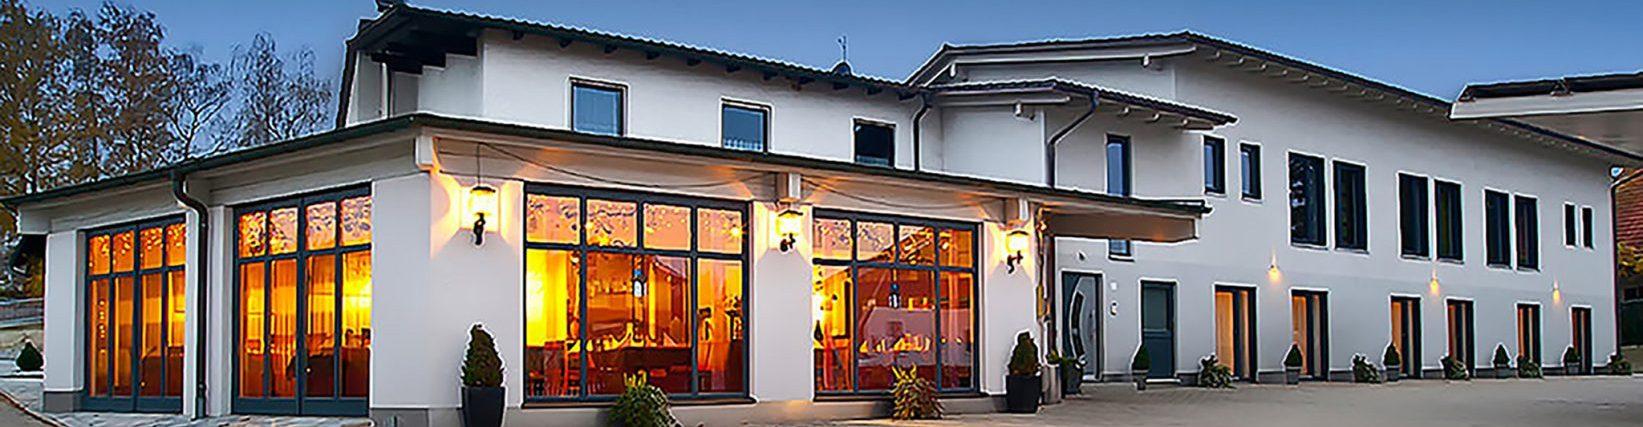 Hotel Renner in Buchbach